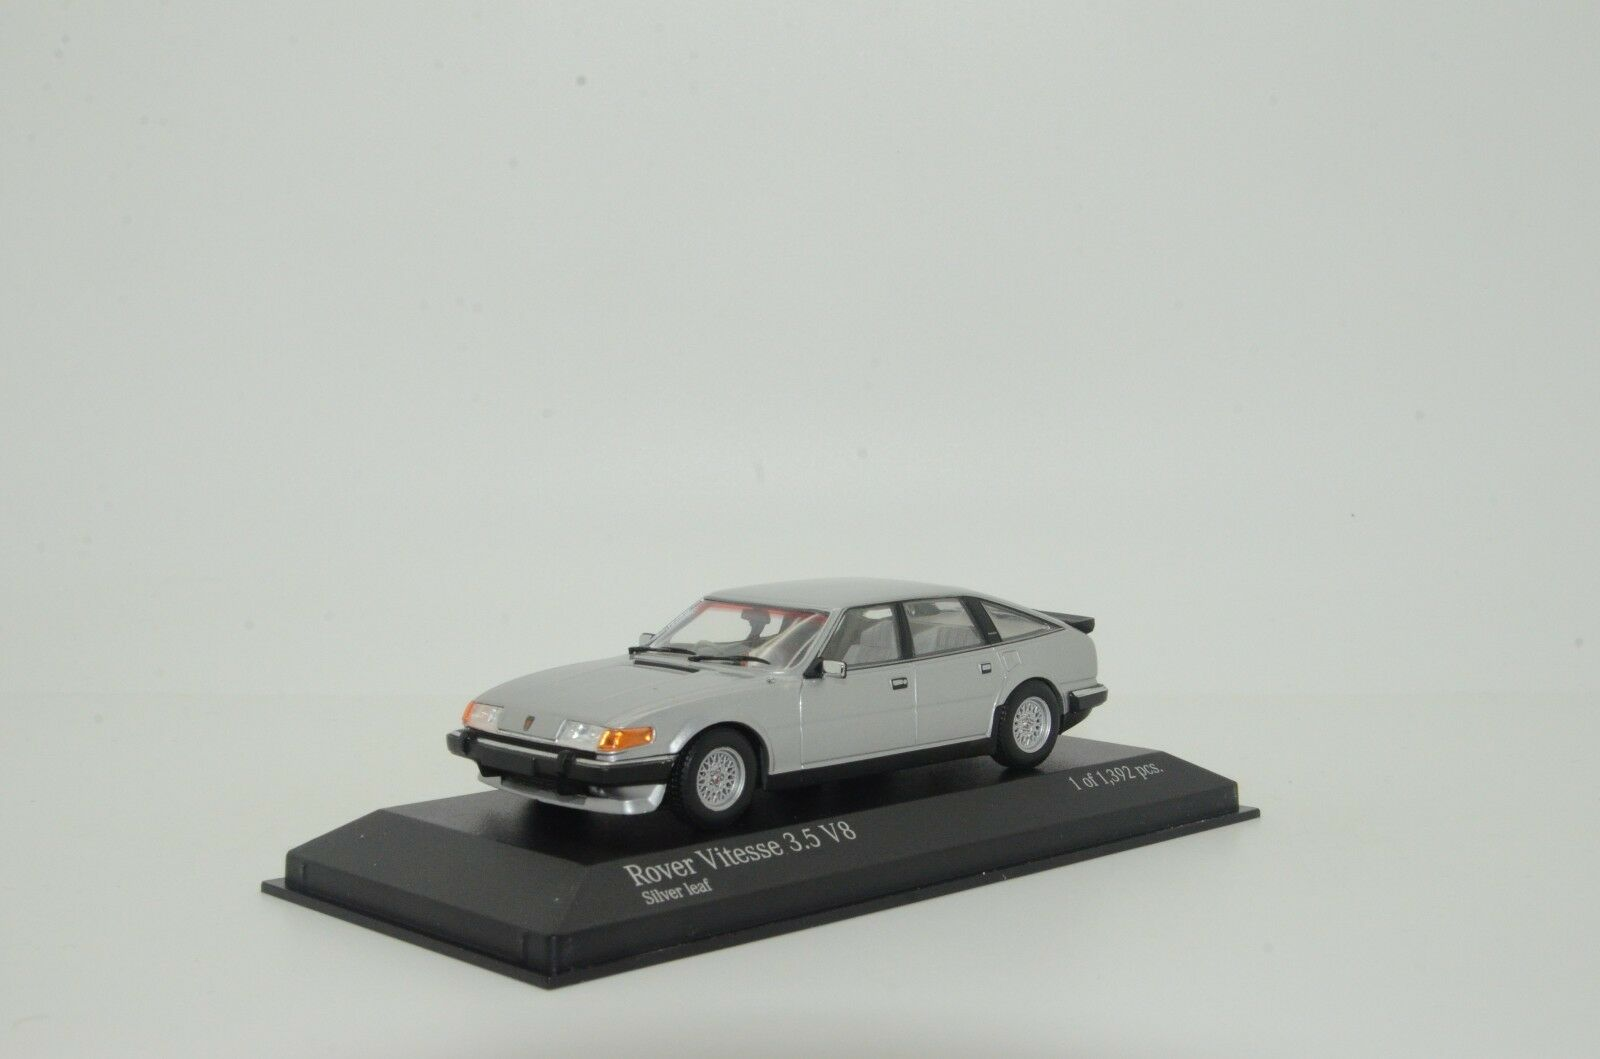 connotación de lujo discreta      rara    Rover Vitesse 3.5 V8 1986 plata Minichamps 138500 1 43  hermoso